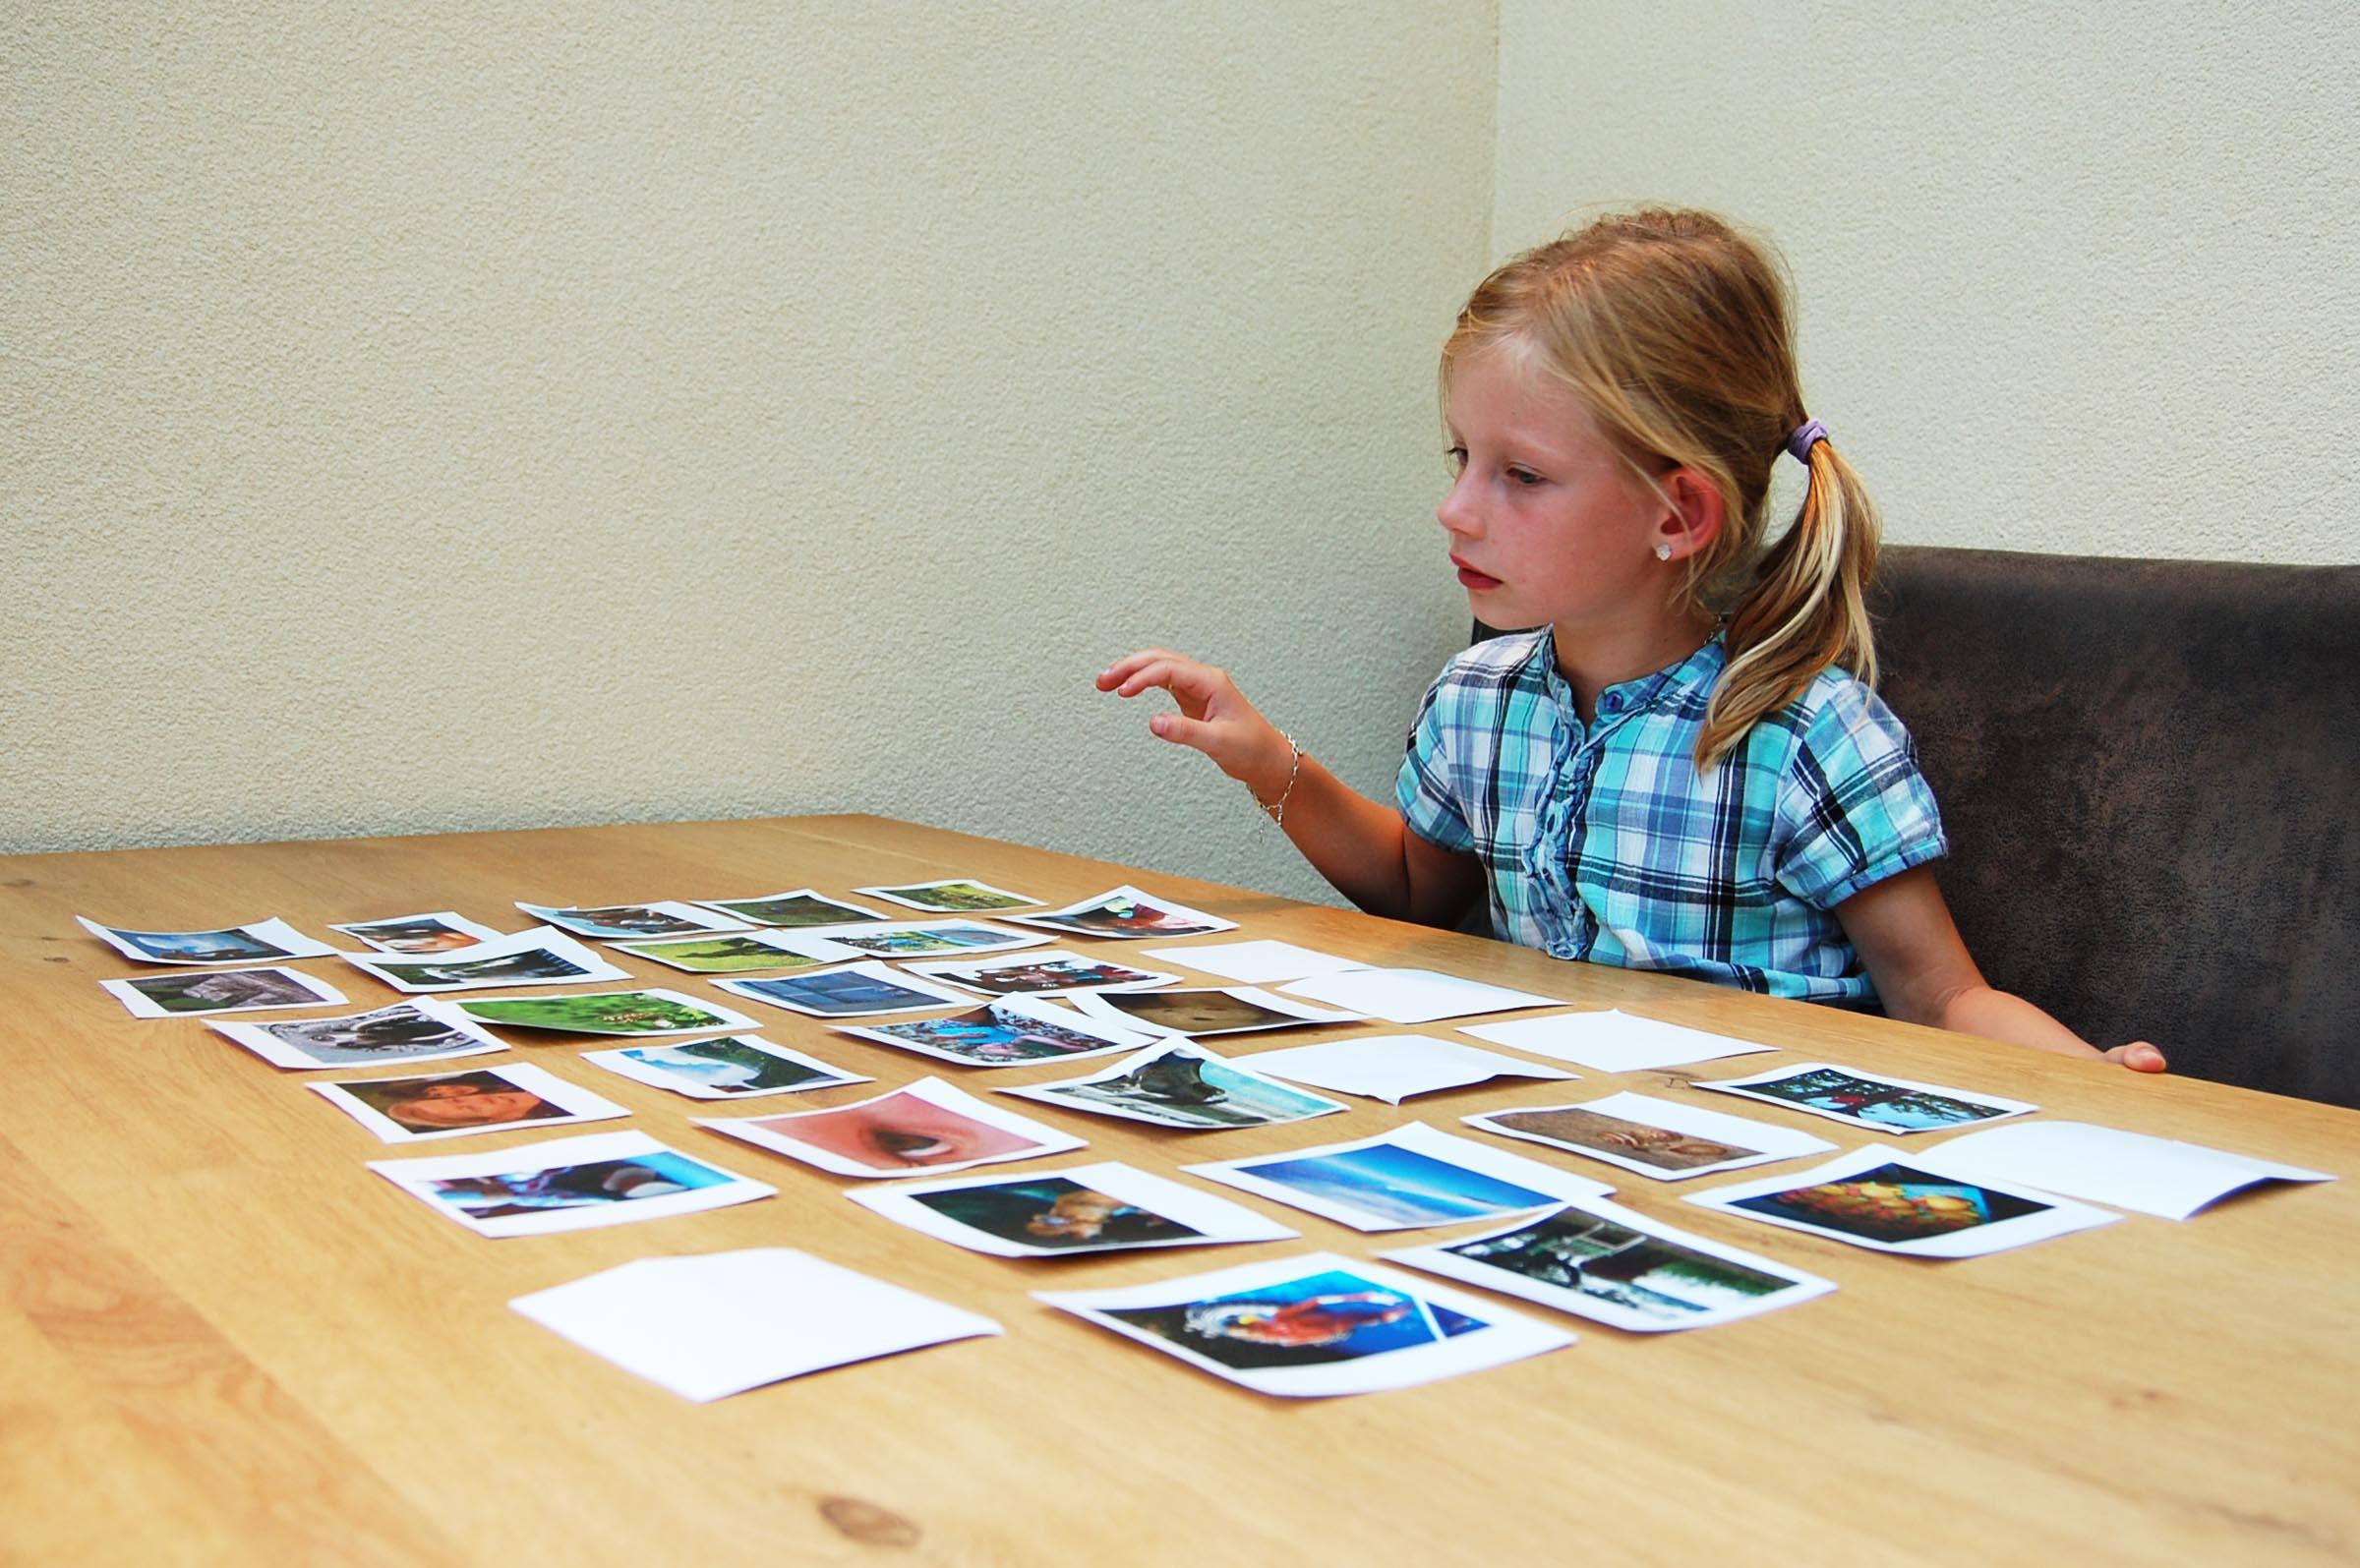 image from Fotografie door jonge kinderen